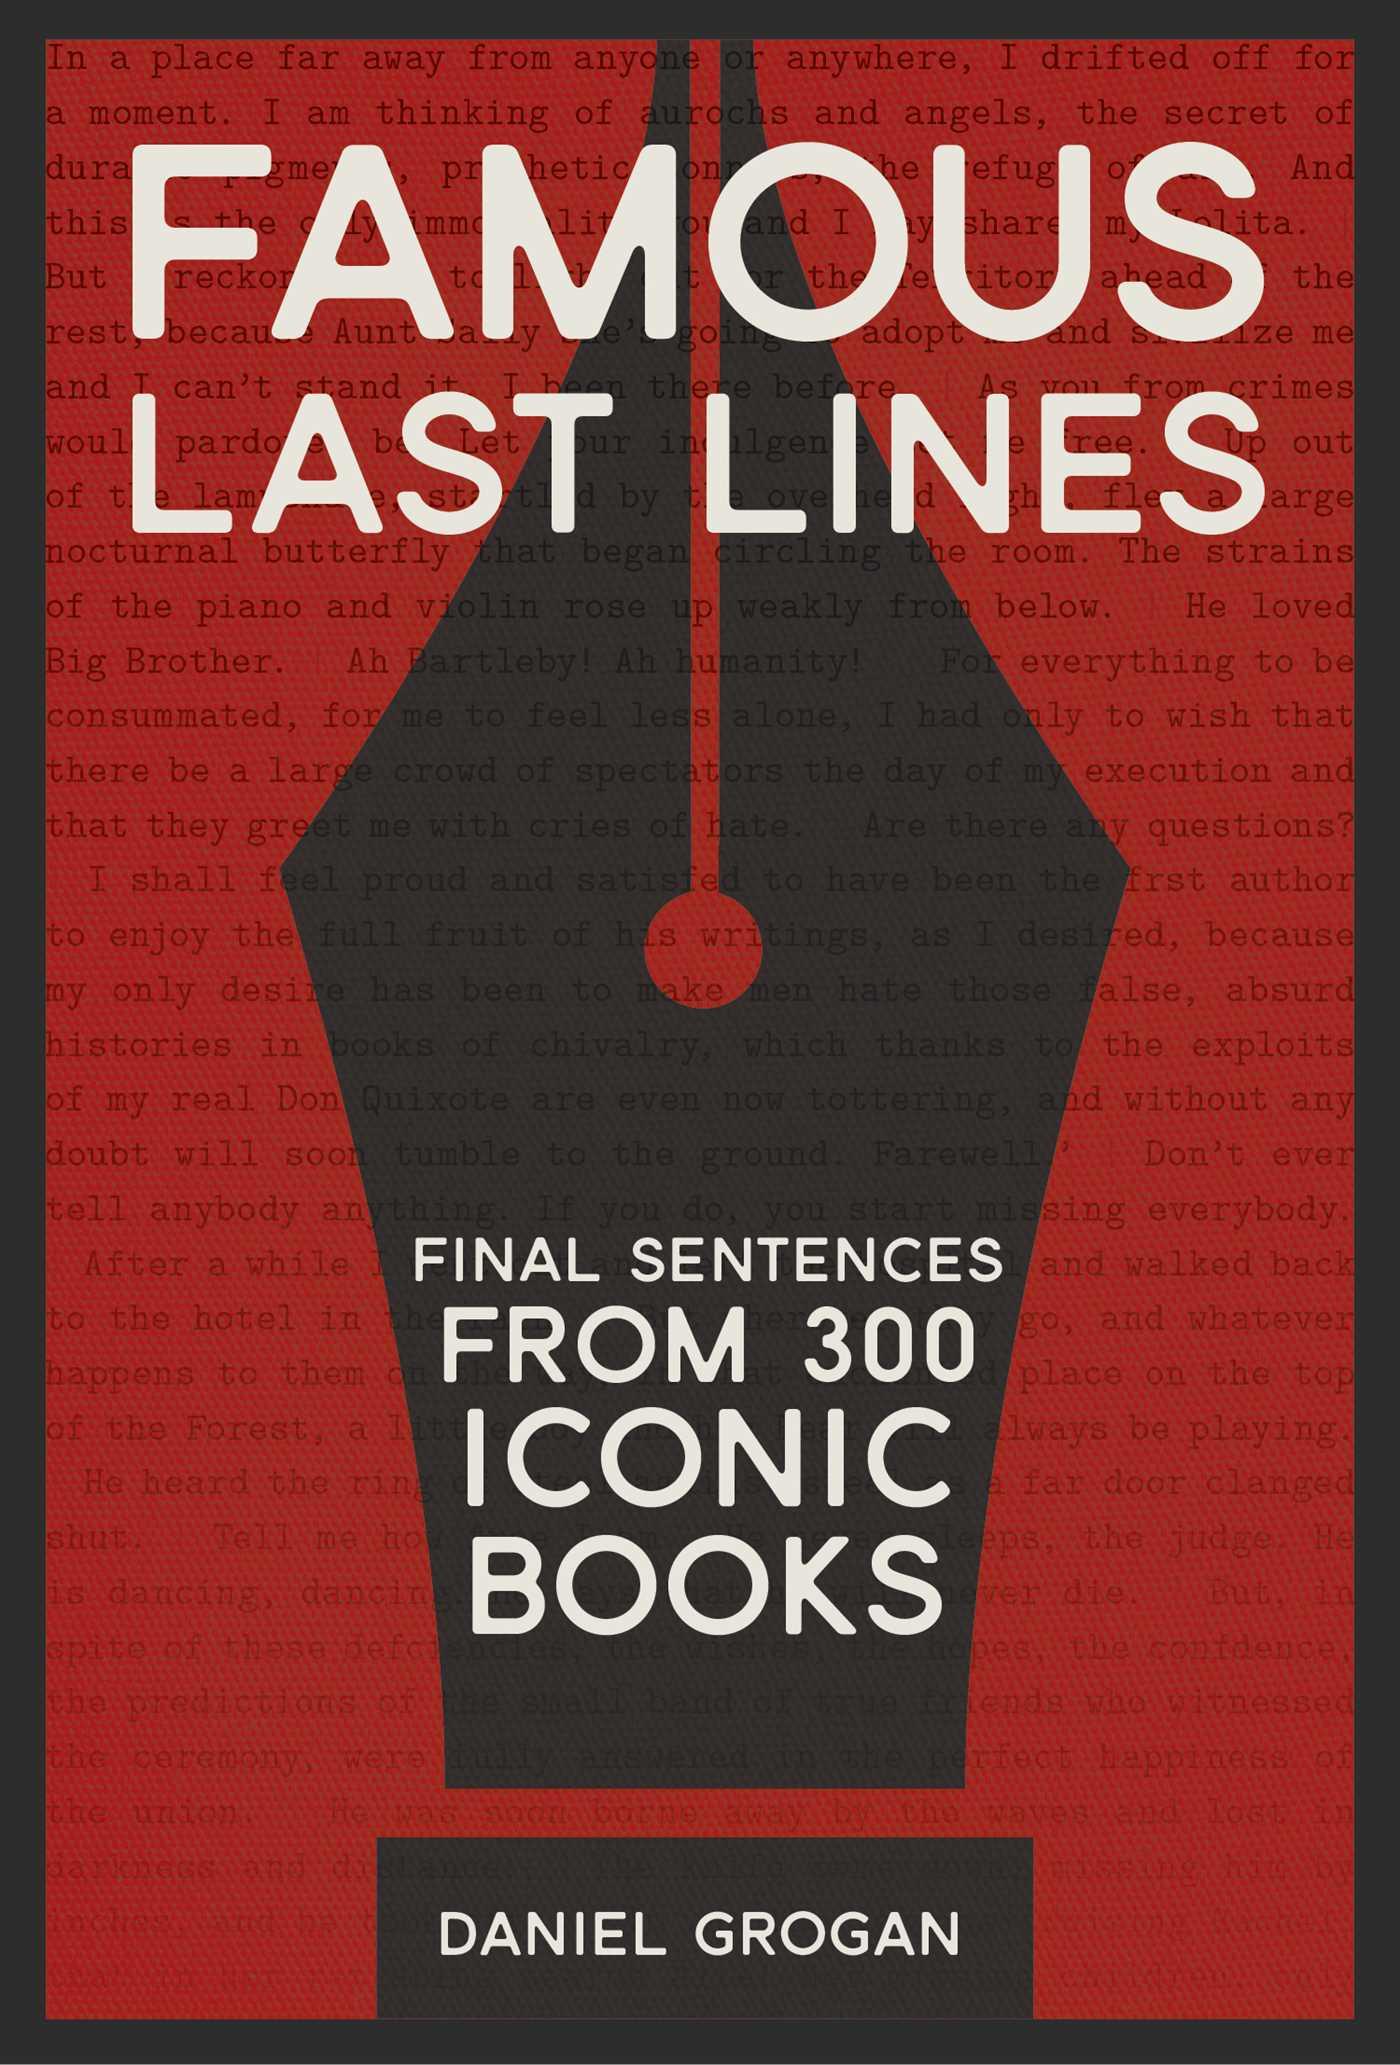 famous last lines books grogan daniel line literature history publishers publisher schuster simon